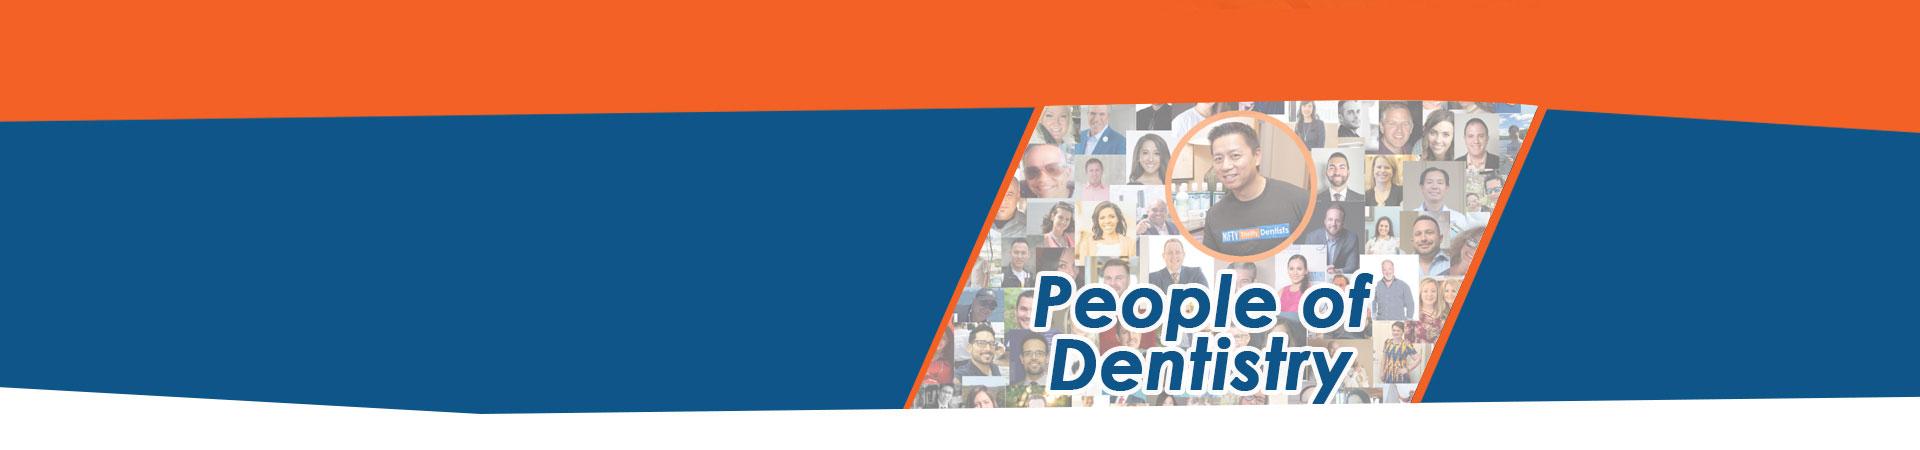 people of dentistry